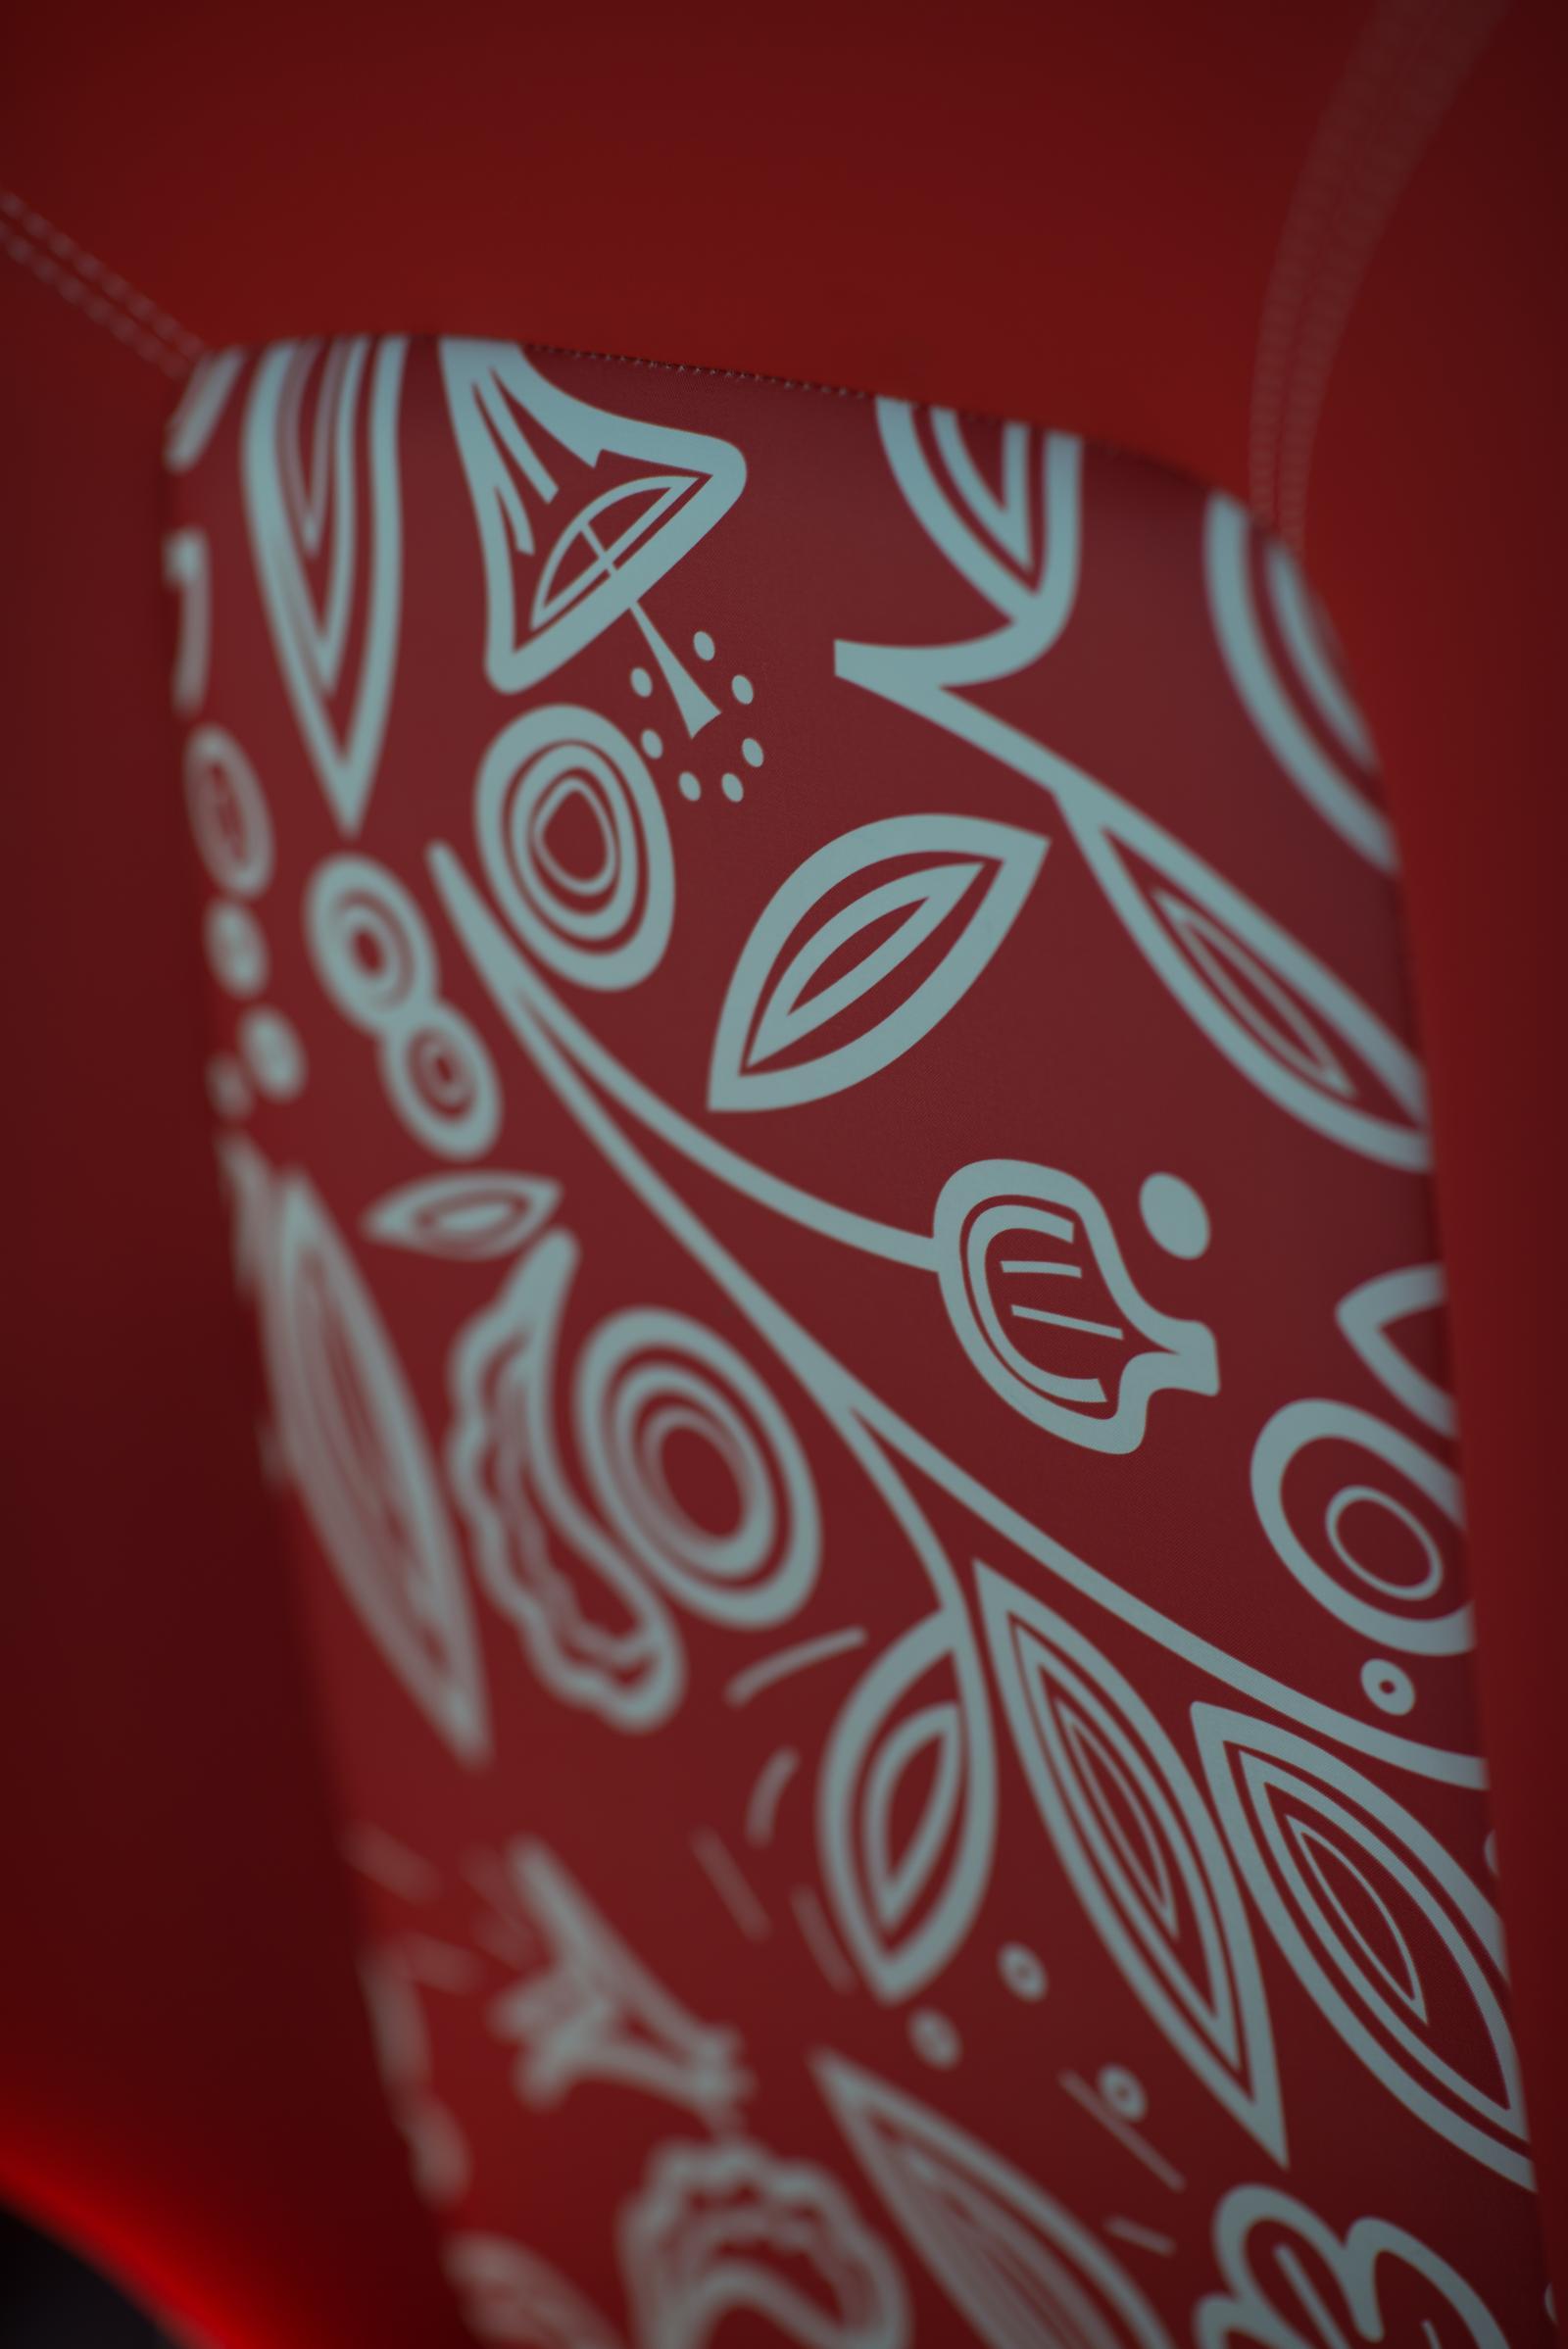 E-MEHARI 2016 motif intérieur rouge